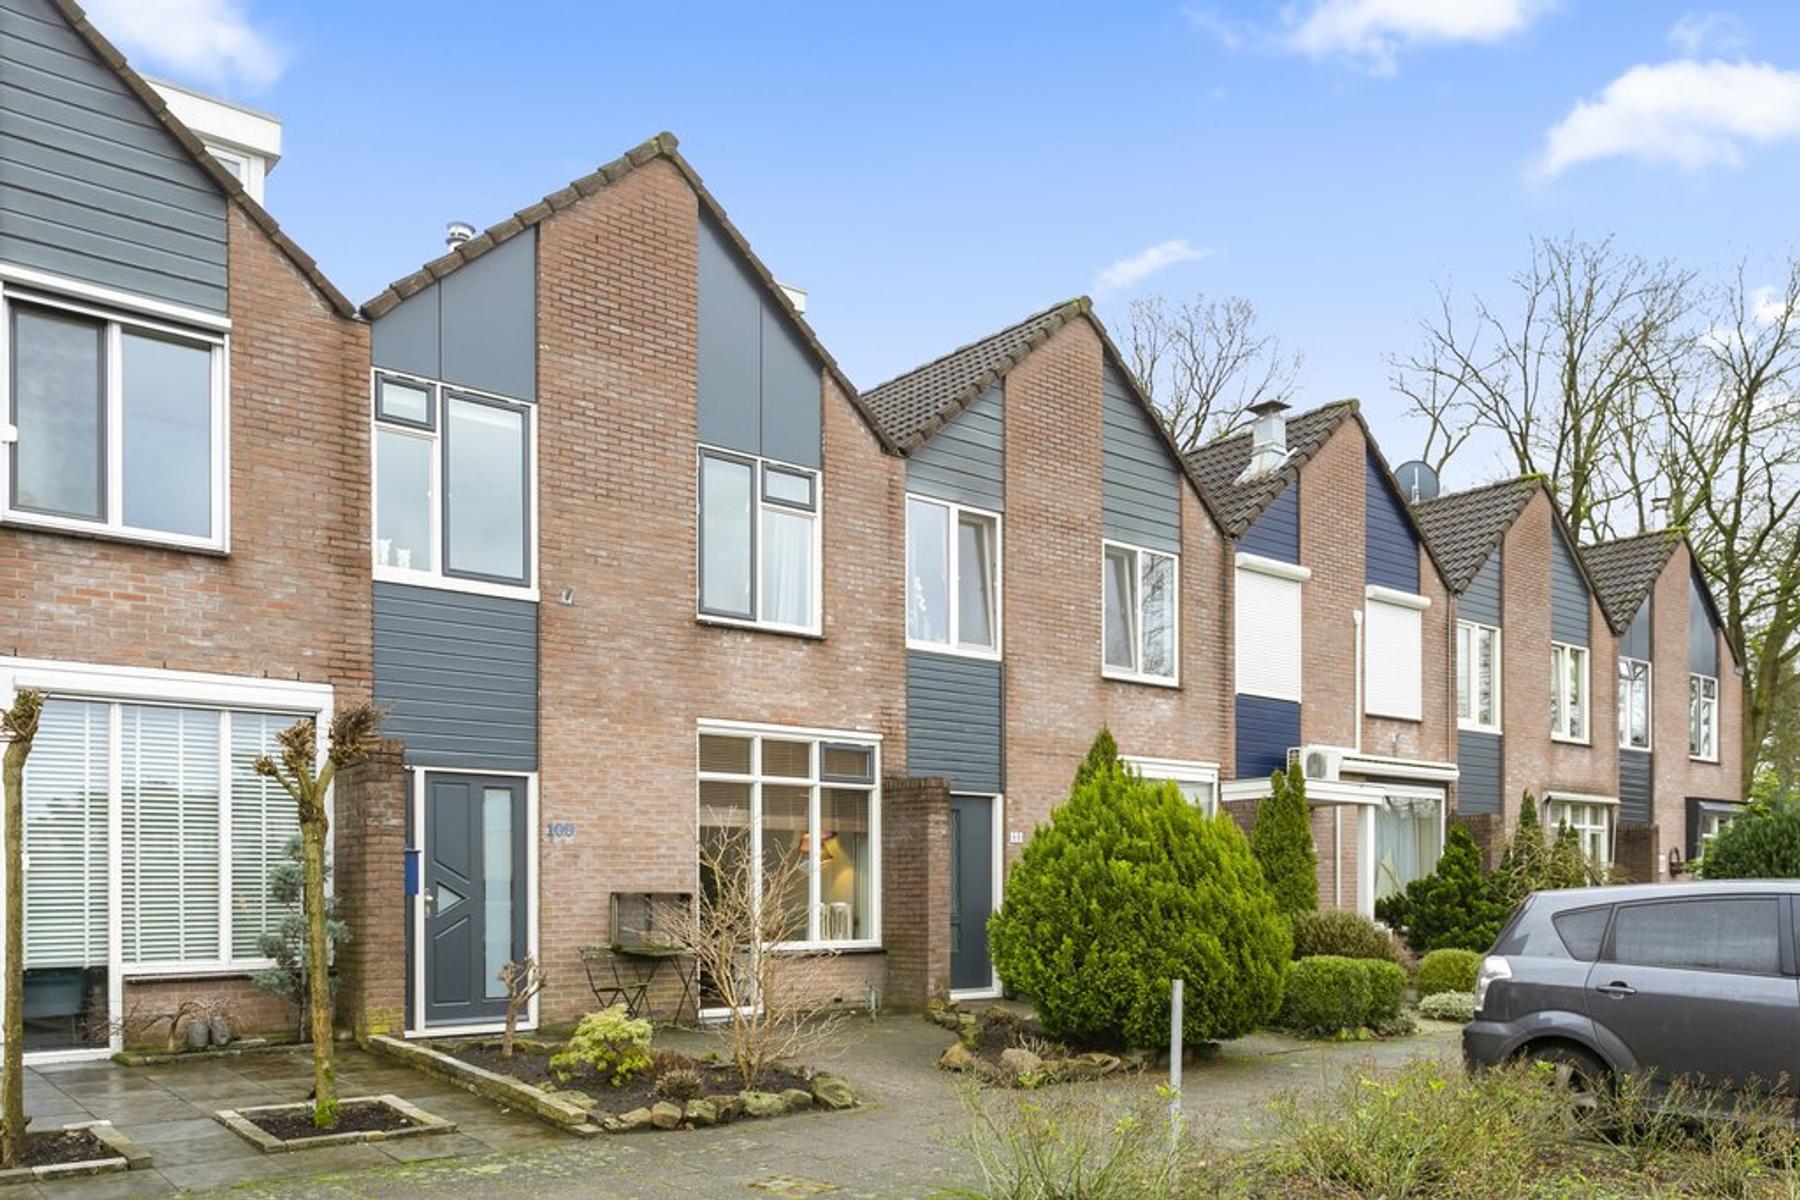 Buursebrink 109 in Enschede 7544 MD